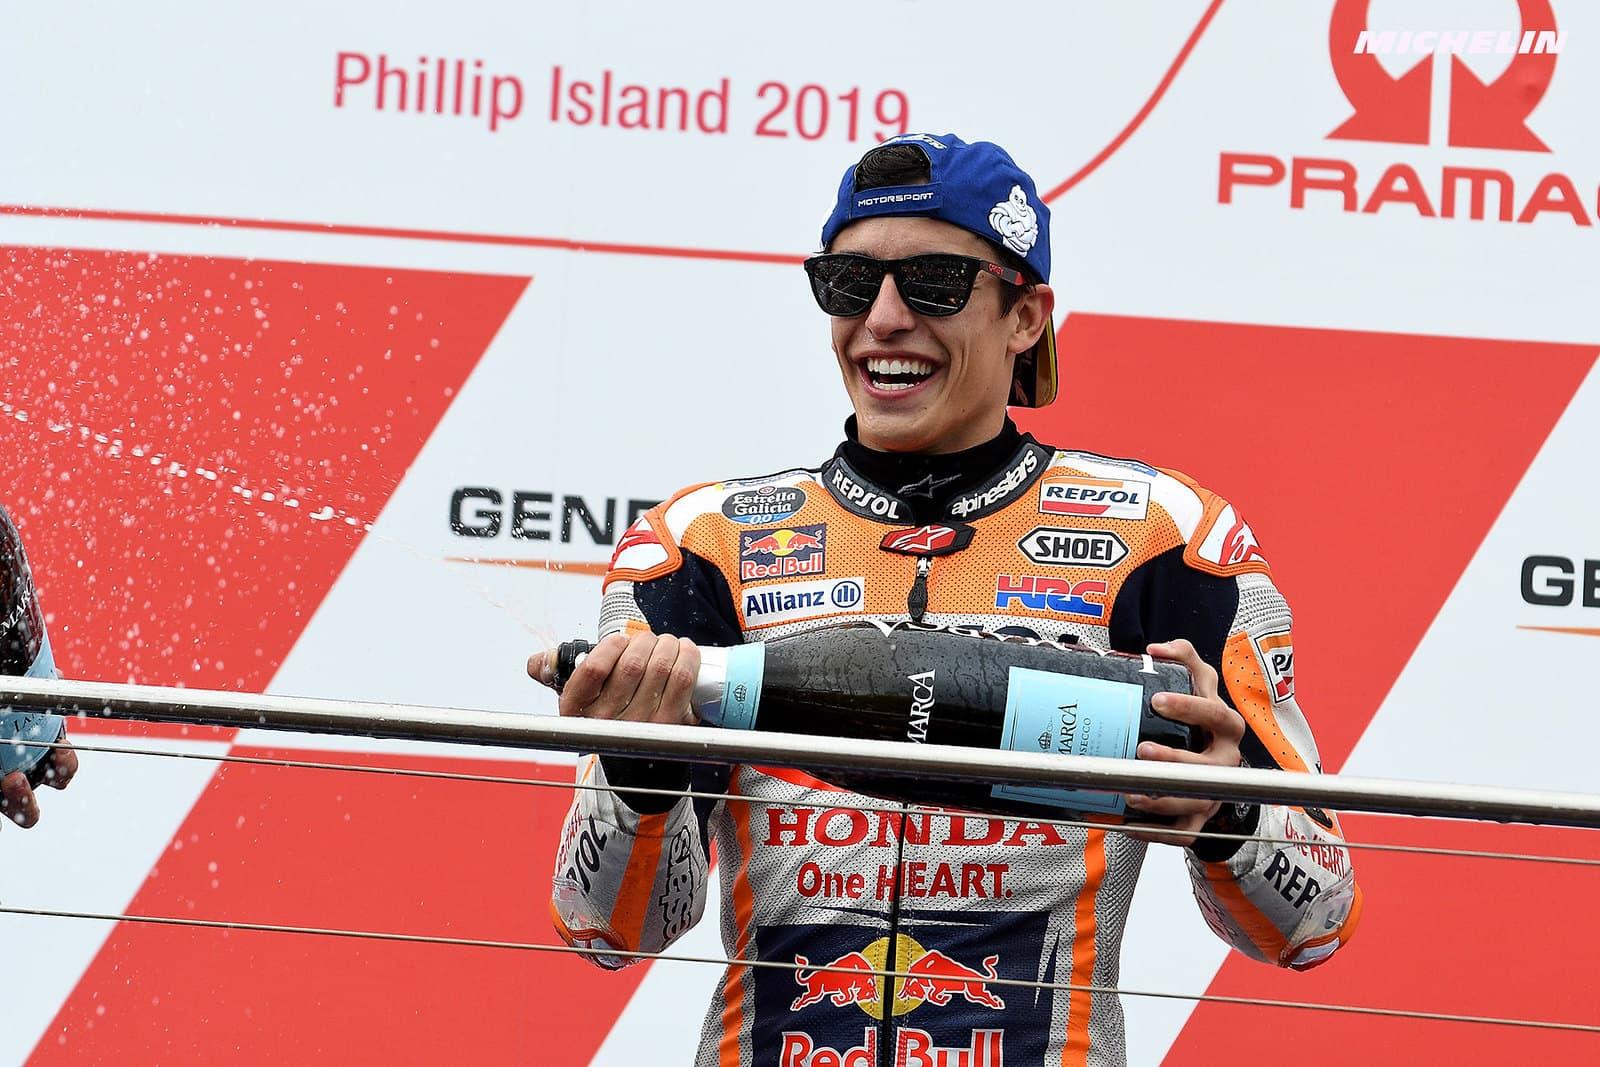 MotoGP2019オーストラリアGP 優勝マルケス「マーべリックがターン10で仕掛けてくるのはわかっていた」